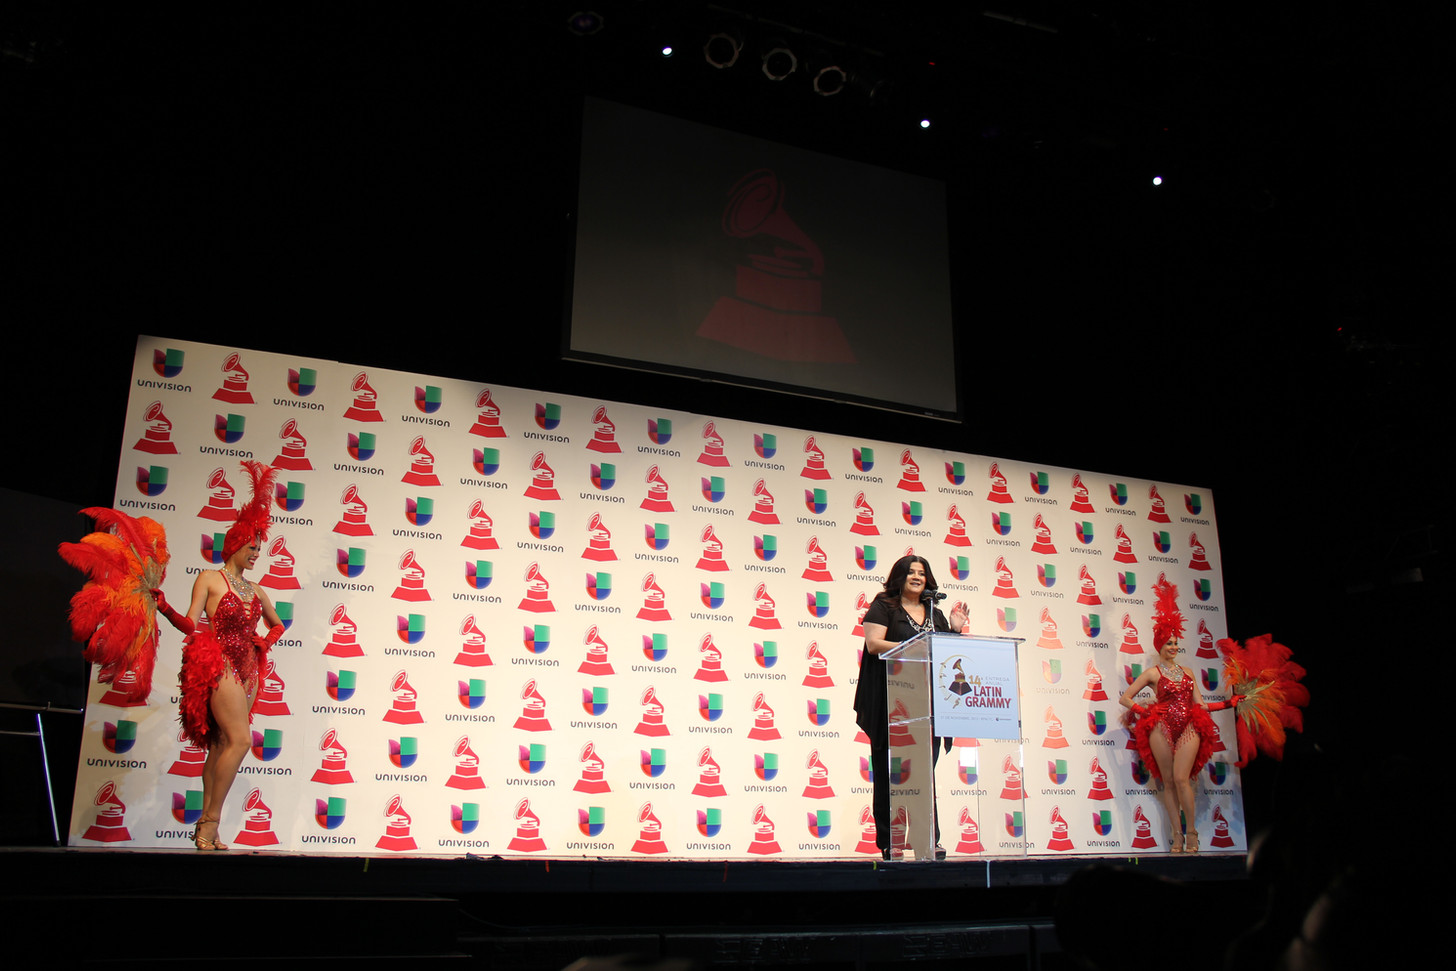 Latin Grammy 14th Press Conference at Av